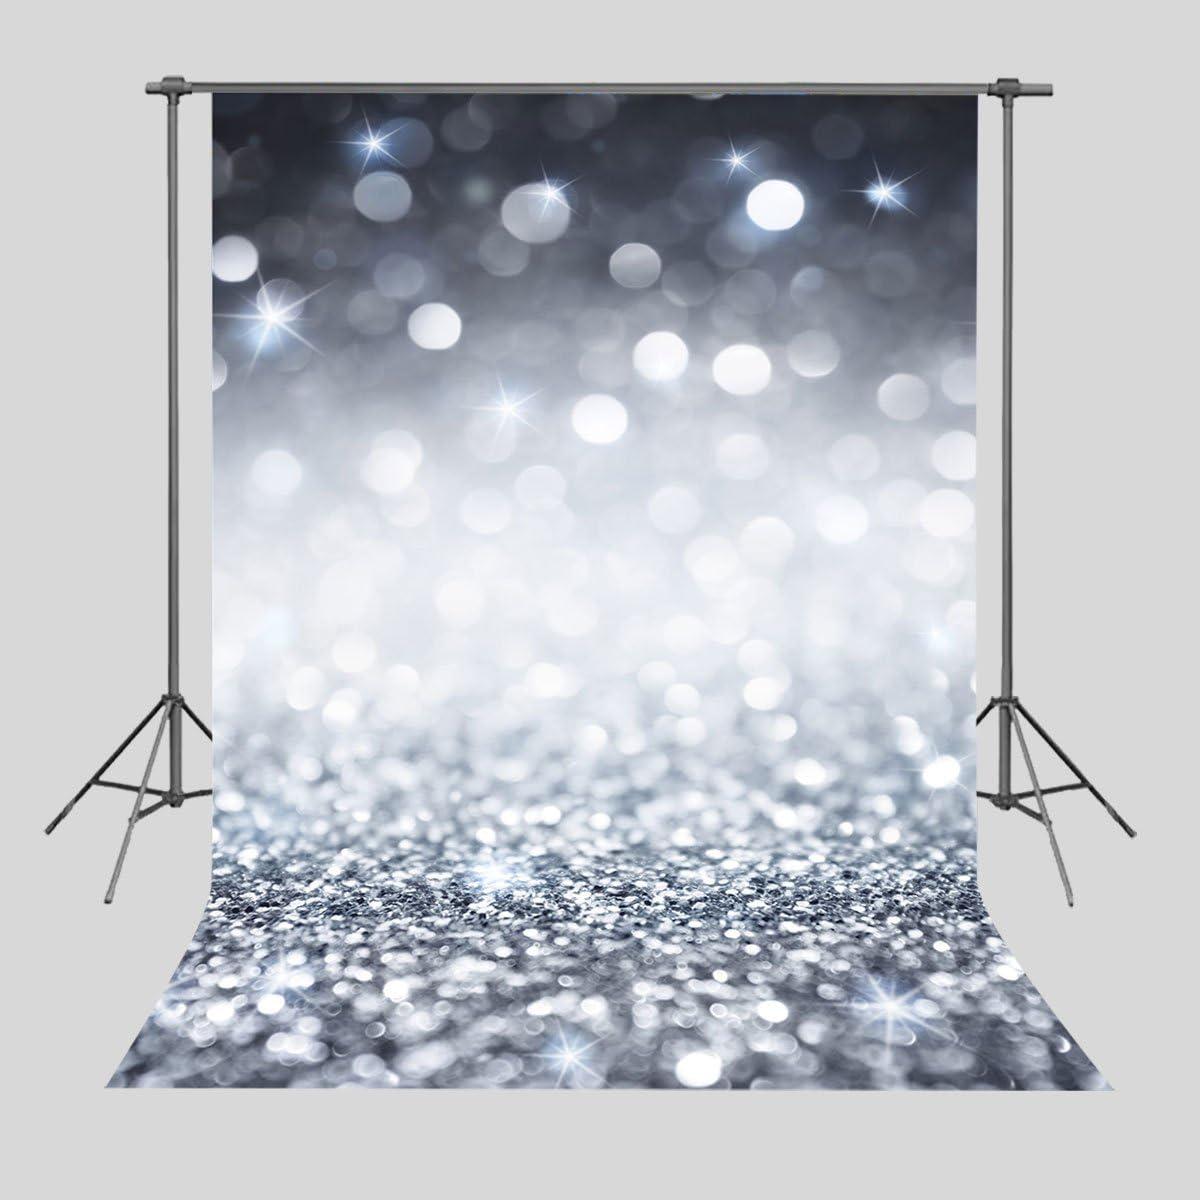 Daniu Glare Glitter Hintergrund Für Fotografie Silber Kamera